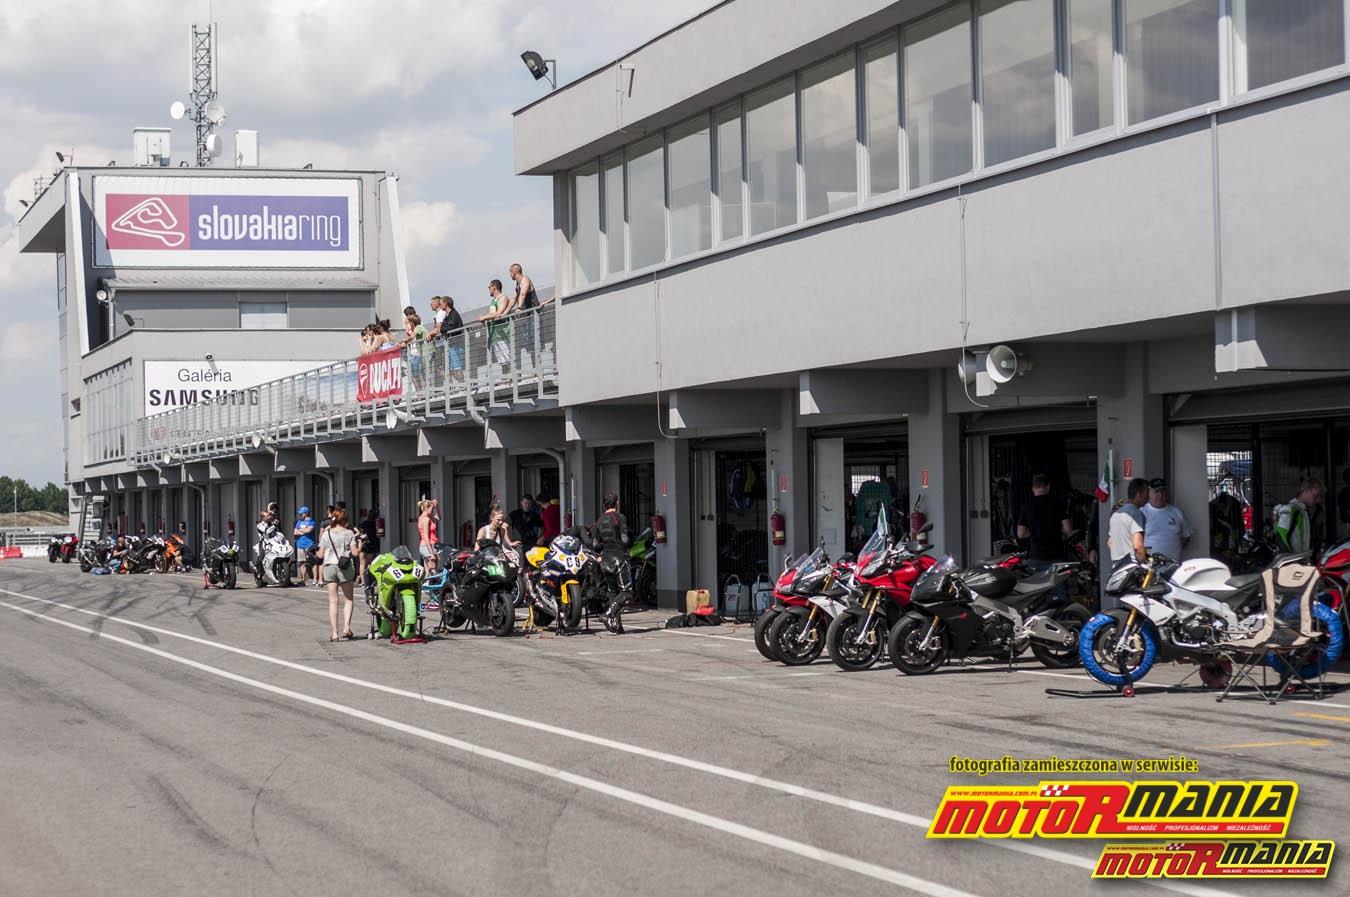 Slovakiaring-z-MotoRmania-trackday-2014-31